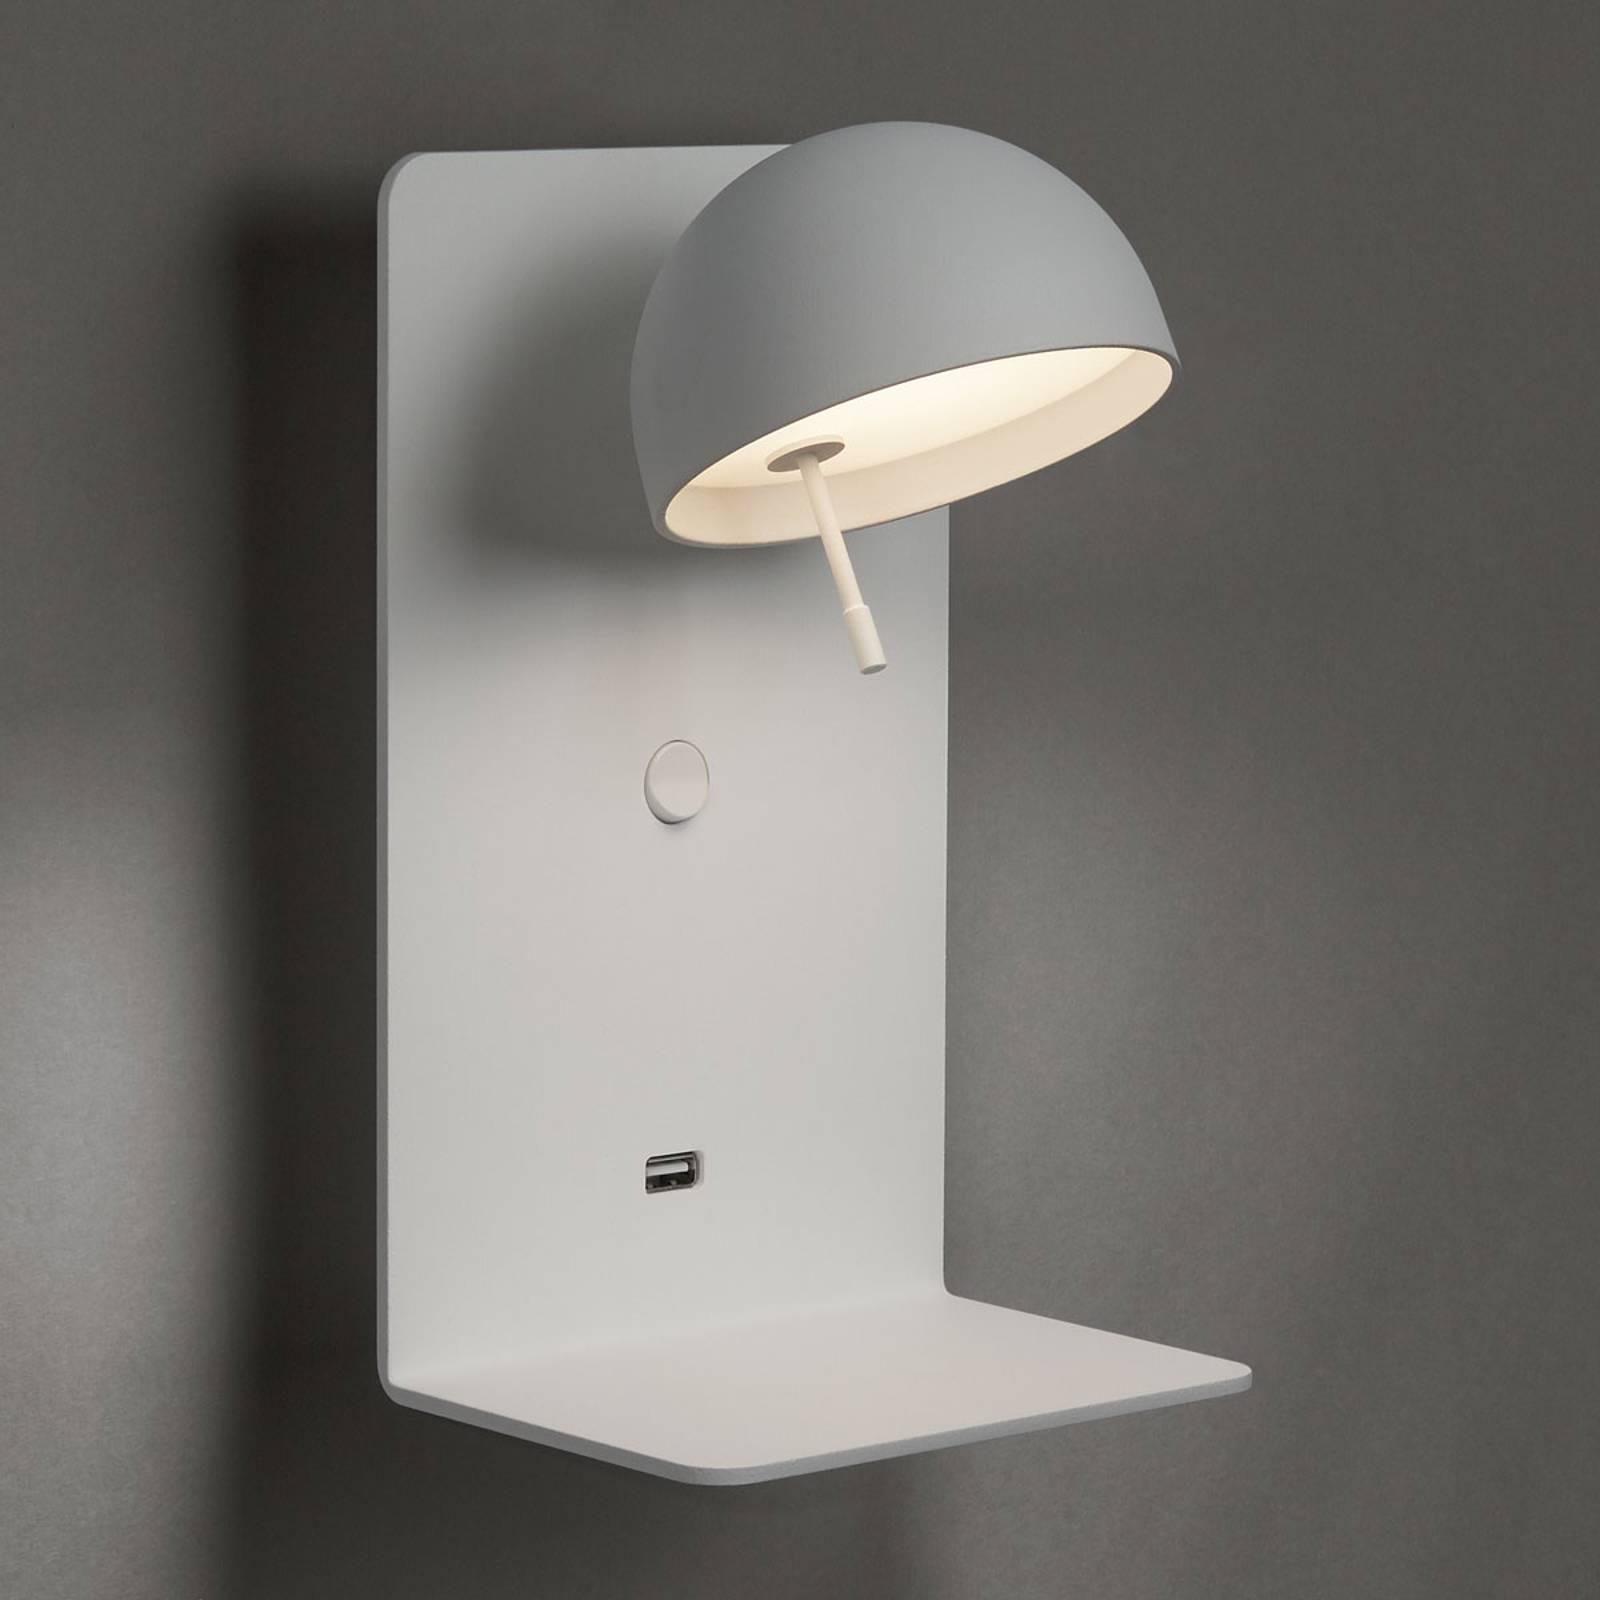 Bover Beddy A/02 -LED-seinävalo, valkoinen